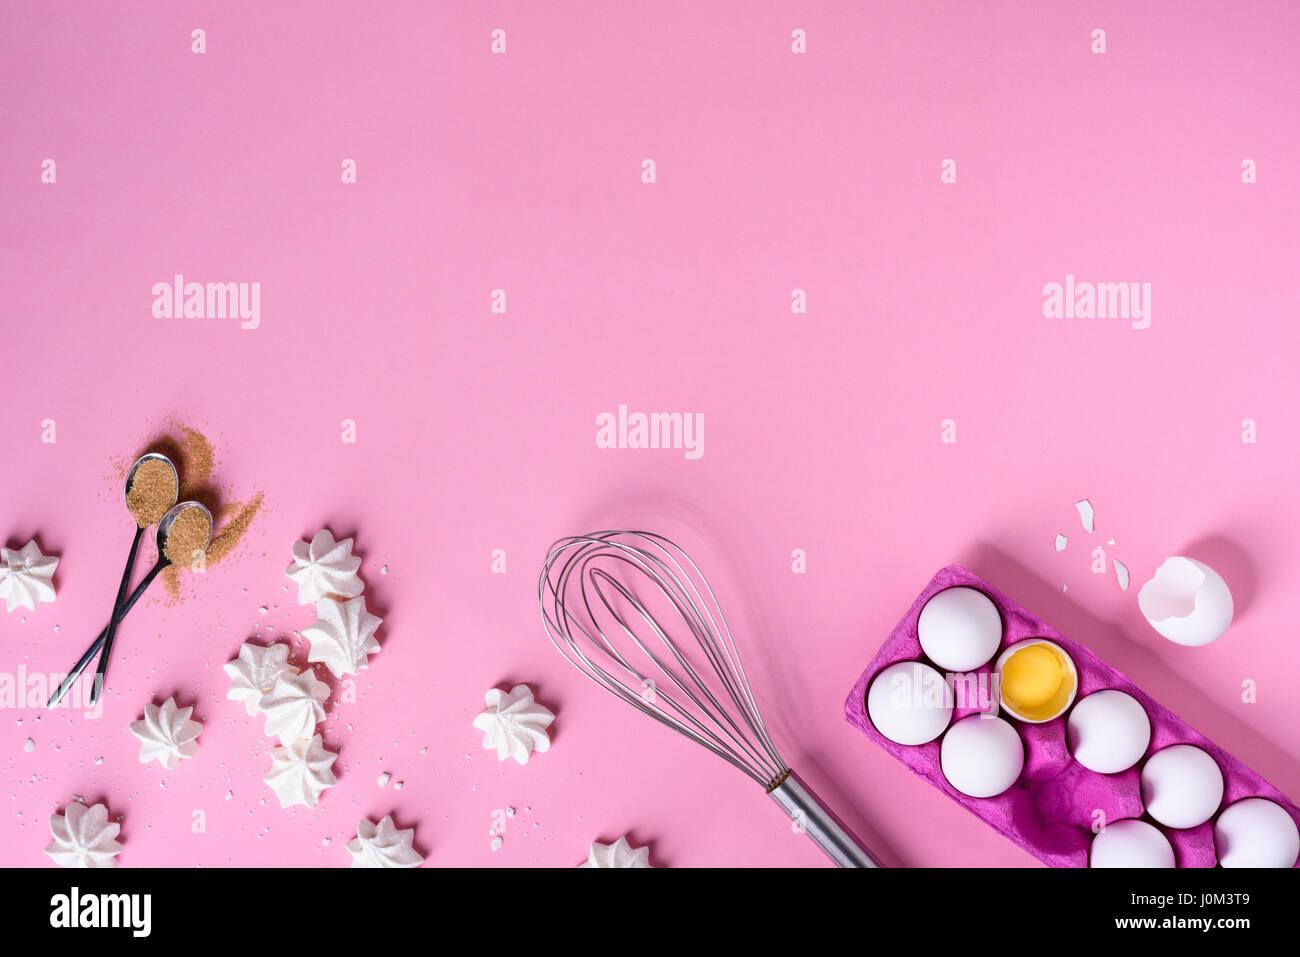 Bäckerei Hintergrund Rahmen. Kochen Zutaten - Ei, Zucker, über rosa ...